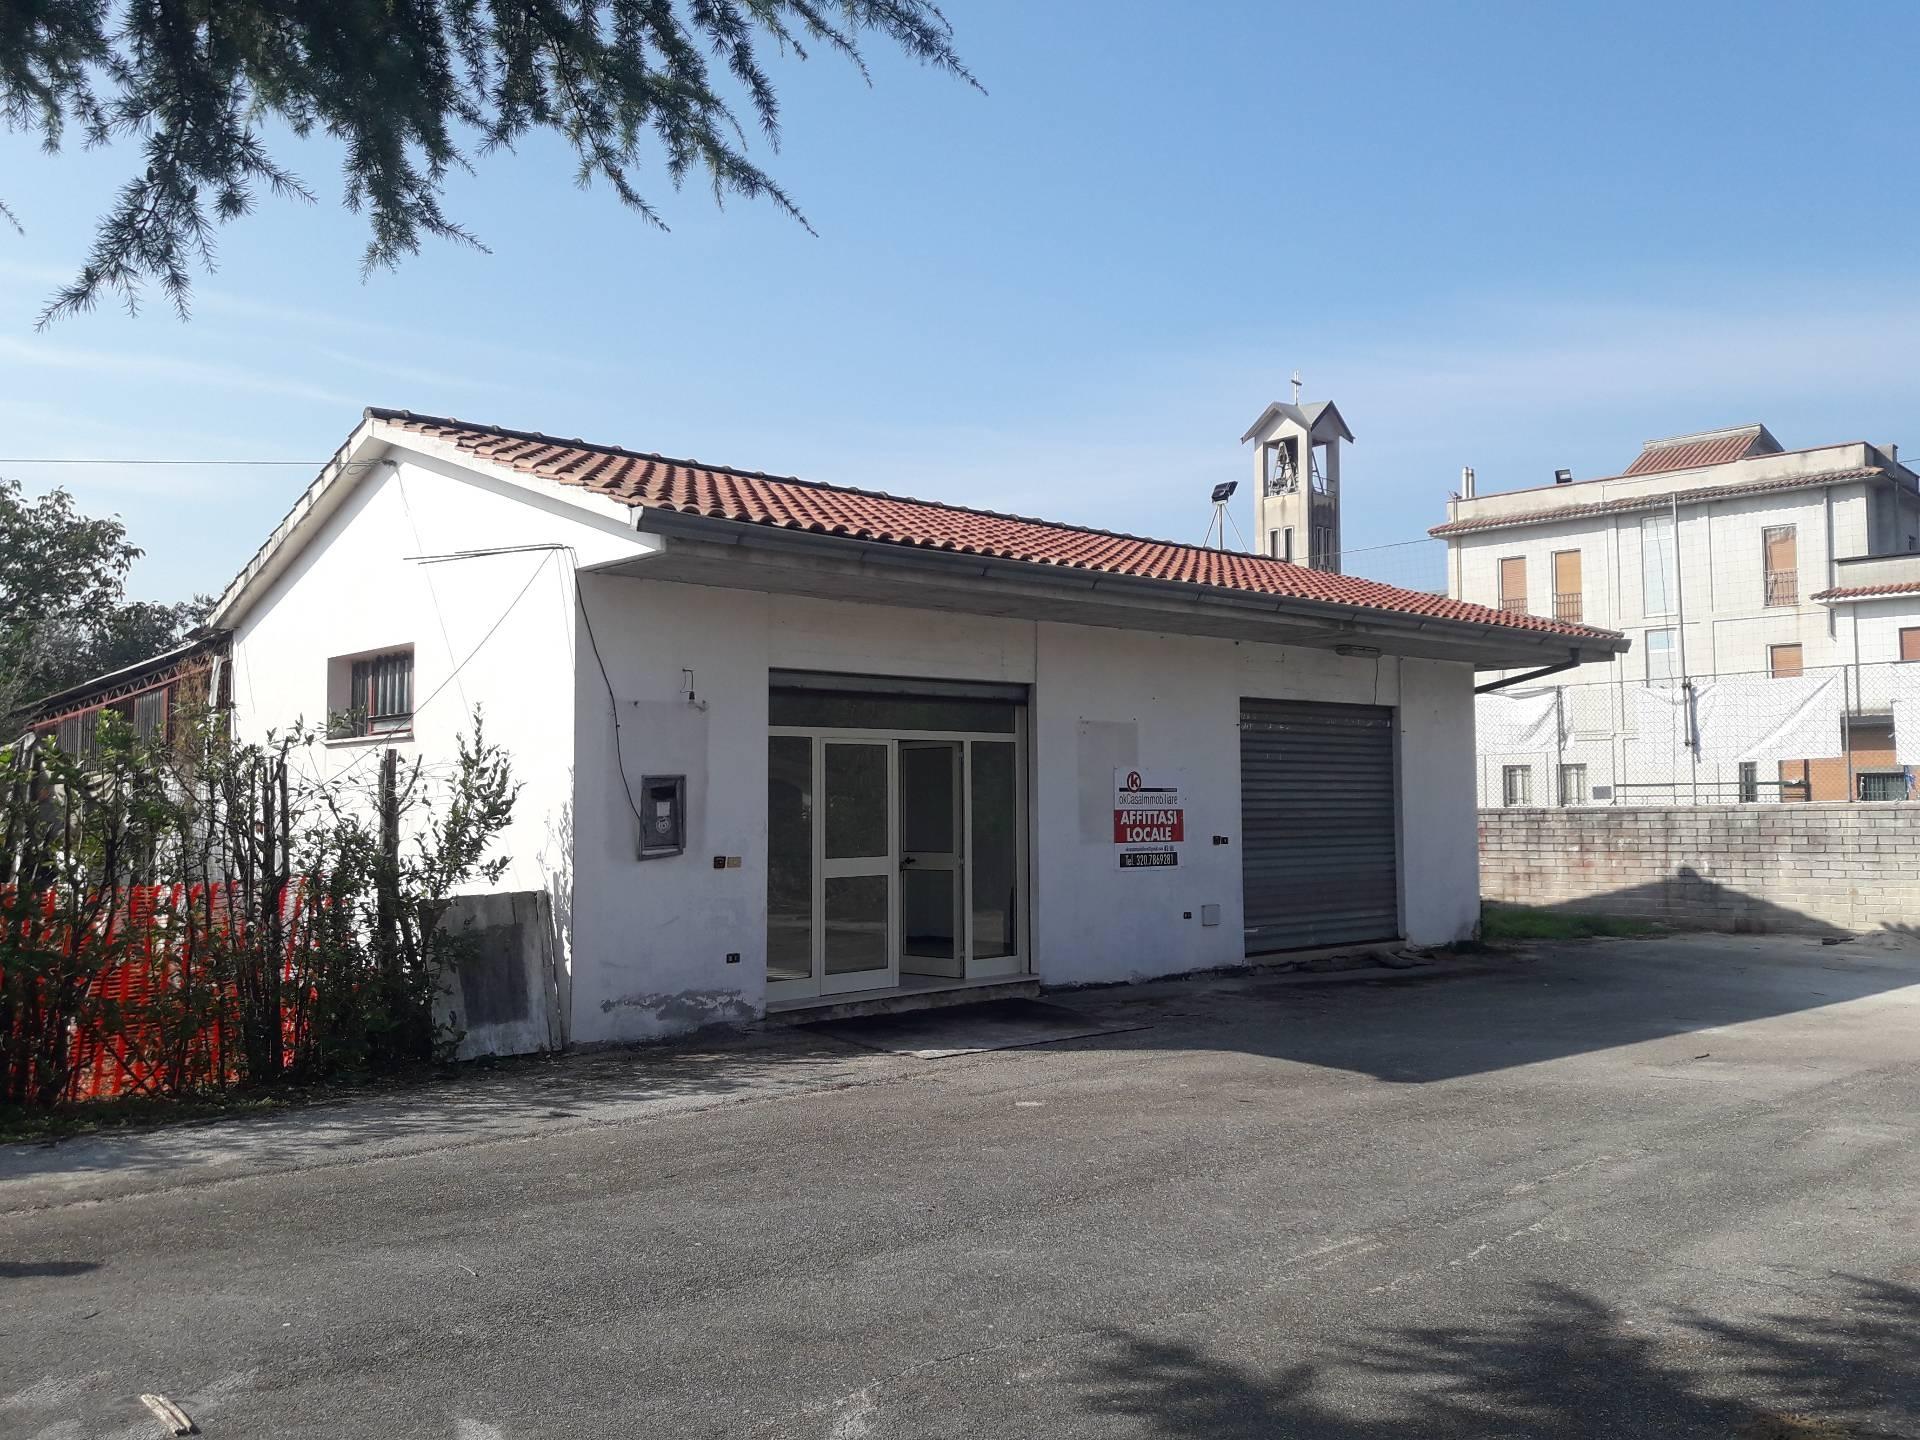 Negozio / Locale in affitto a Alatri, 9999 locali, prezzo € 750   CambioCasa.it